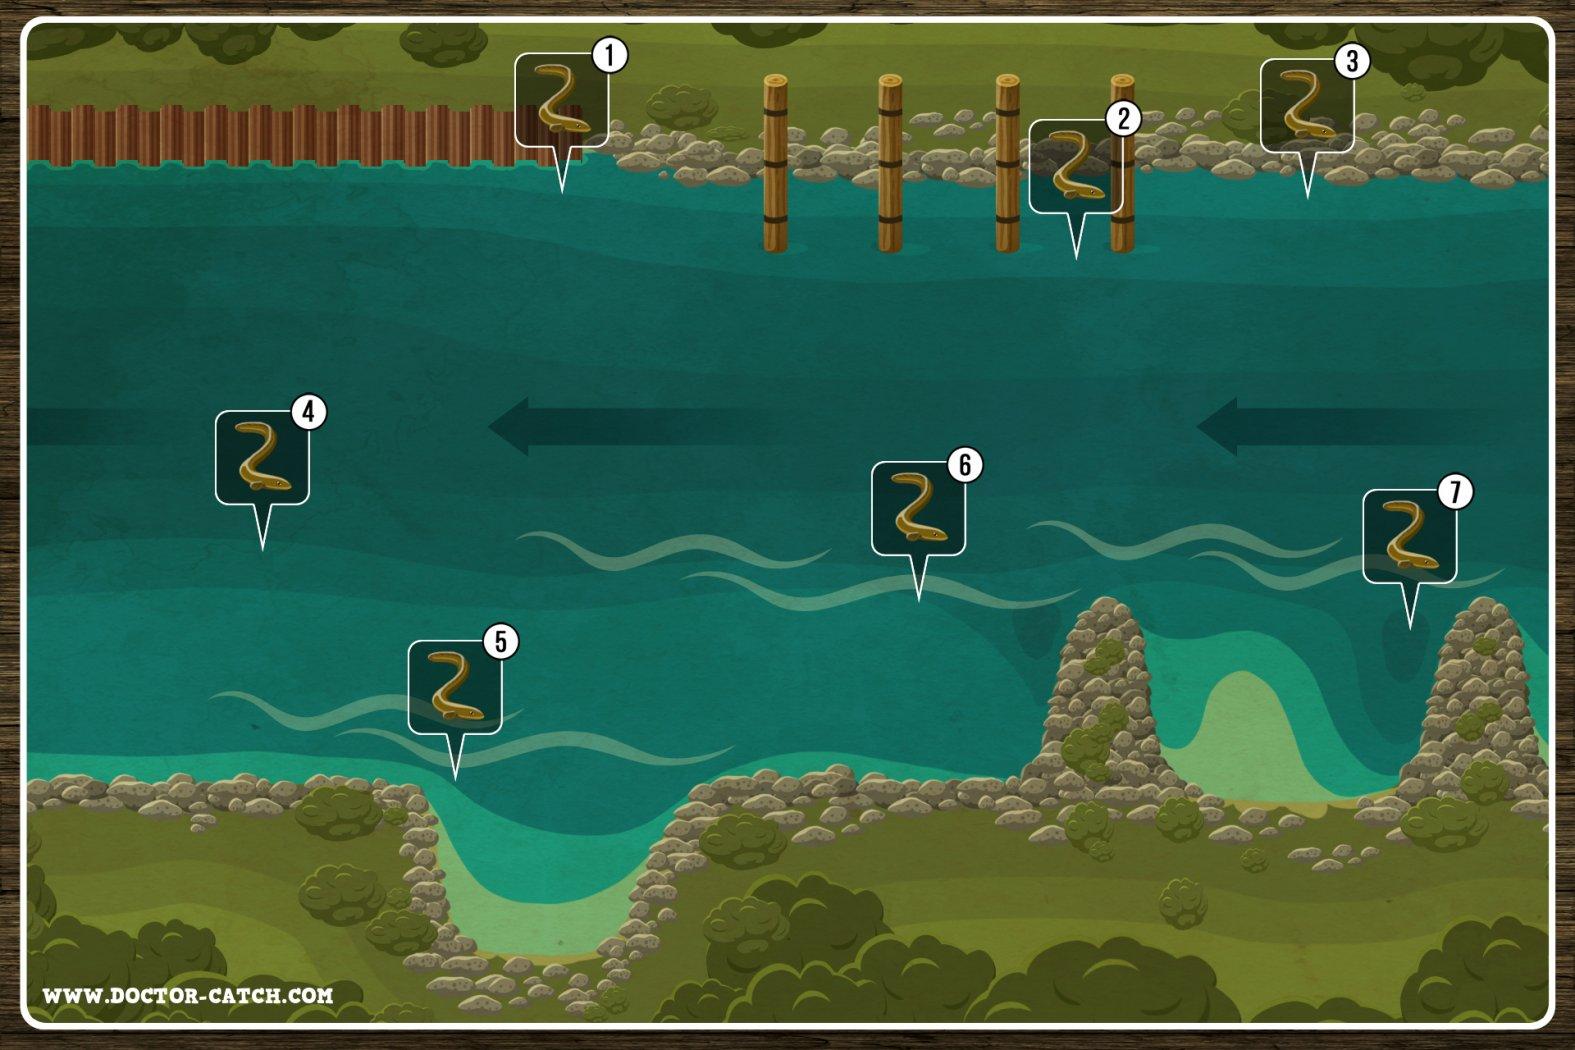 Aale angeln in großen Flüssen